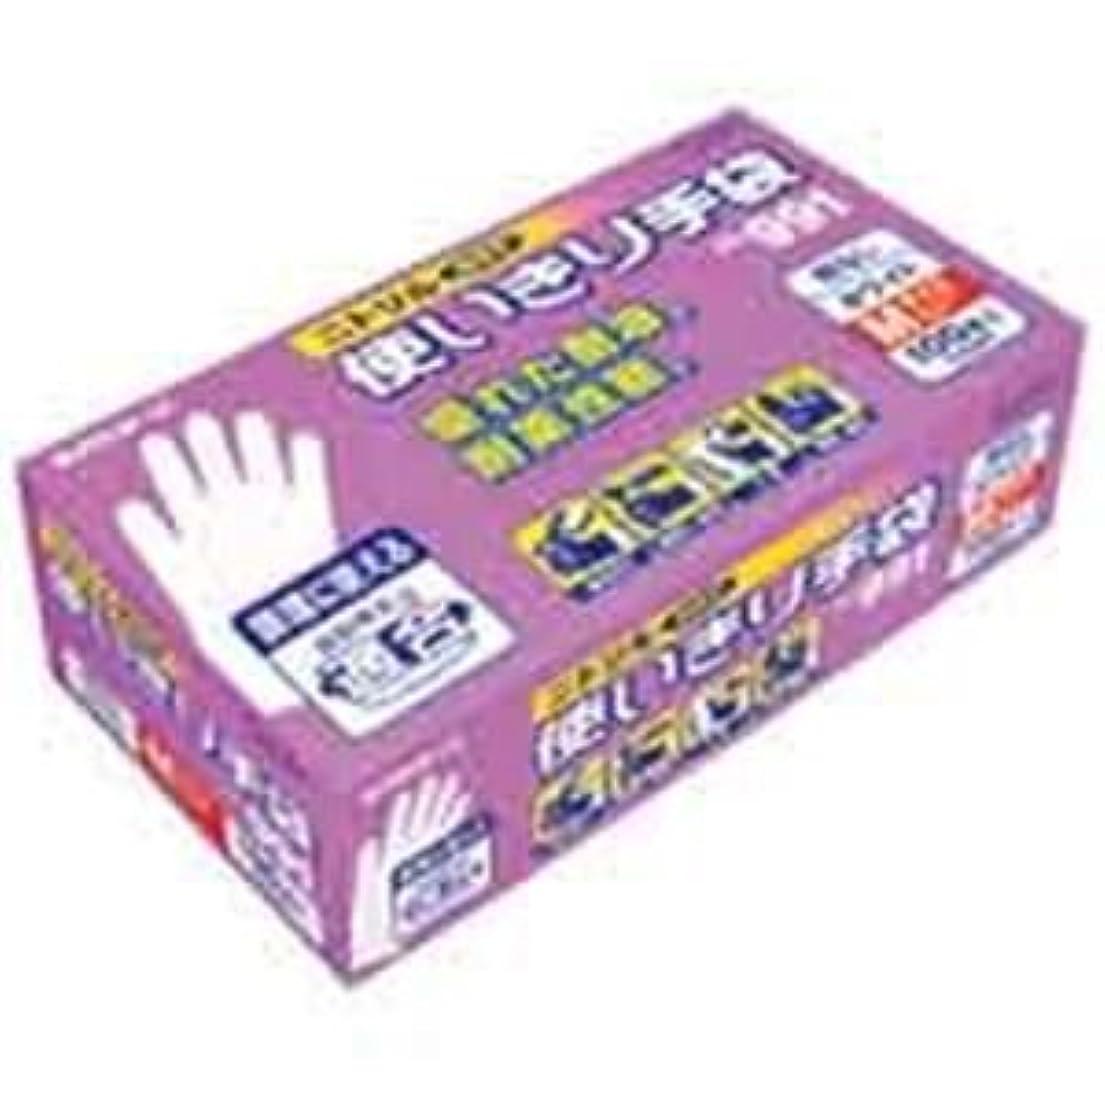 バスケットボール法的スリチンモイエステー ニトリル使いきり手袋/作業用手袋 [粉無 No.991ホワイト/M 12箱]